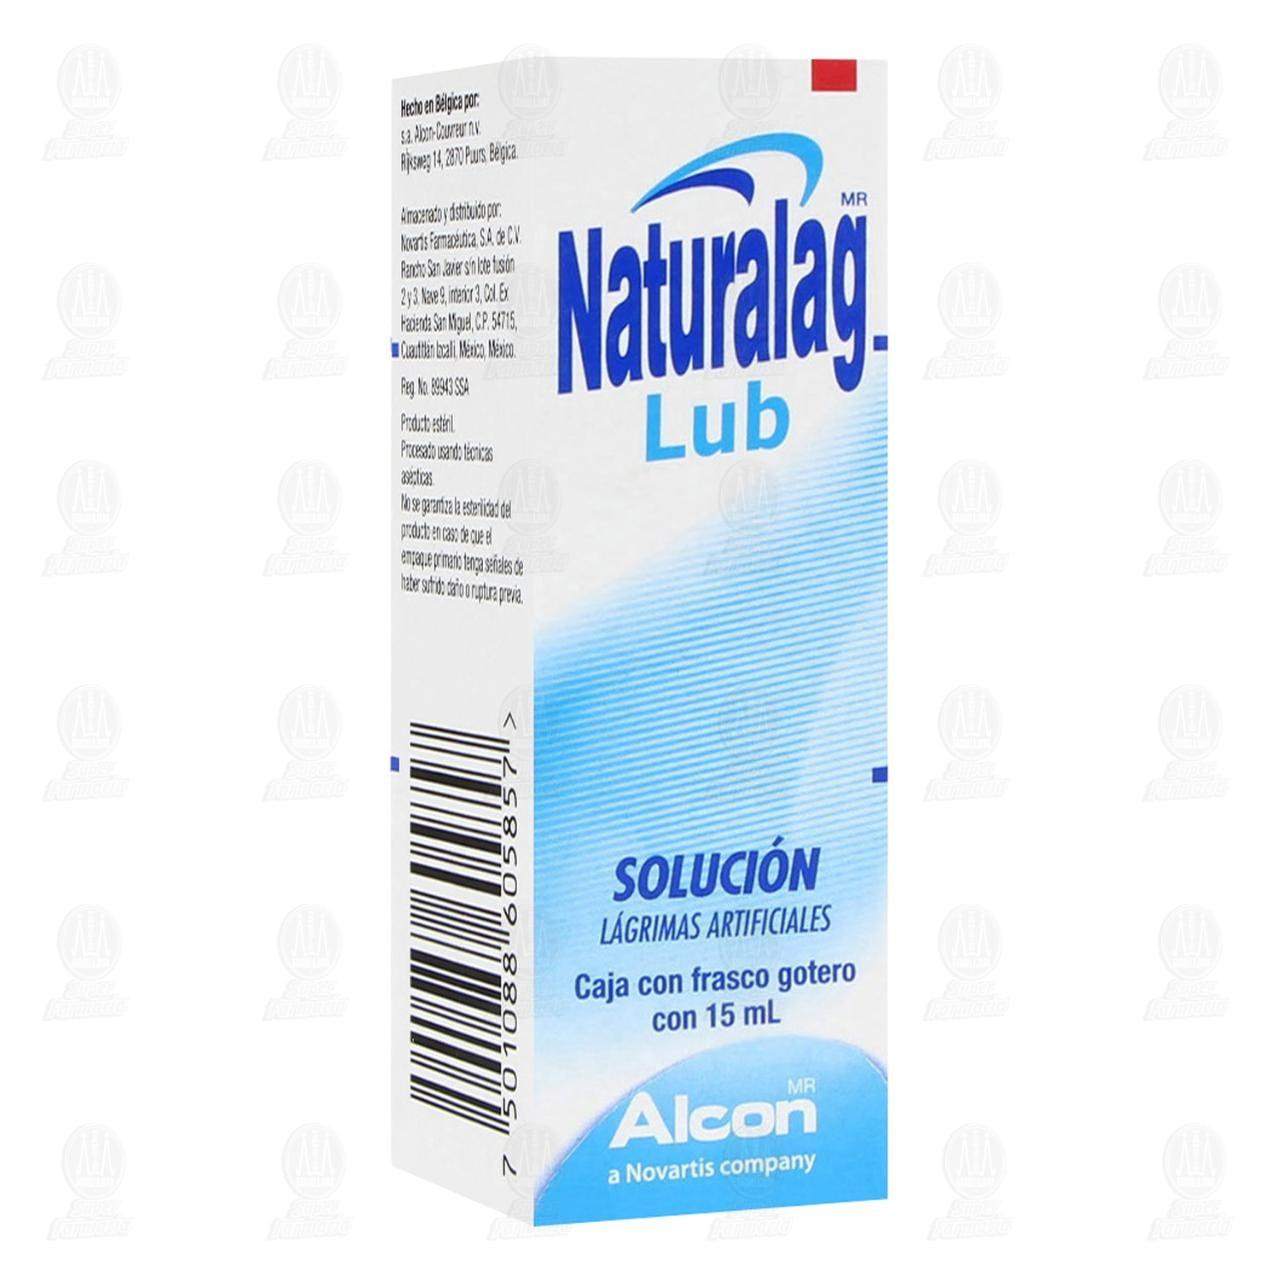 Comprar Naturalag Lub 15ml Solución Gotas en Farmacias Guadalajara